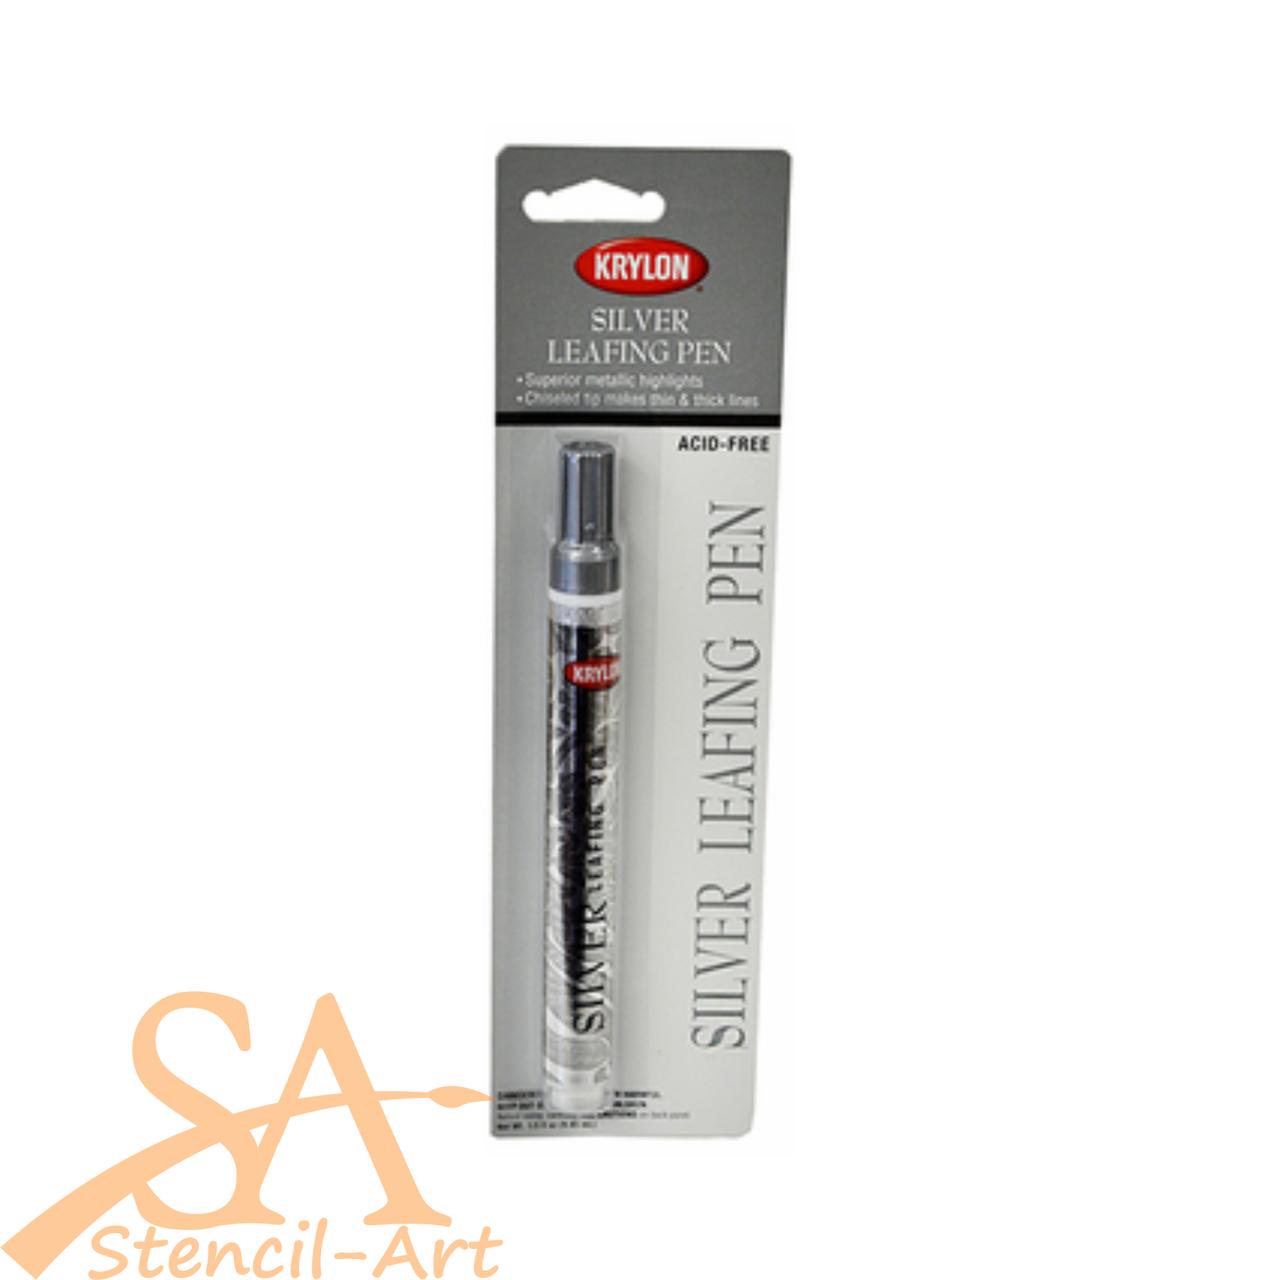 Krylon Leafing Pen - Silver